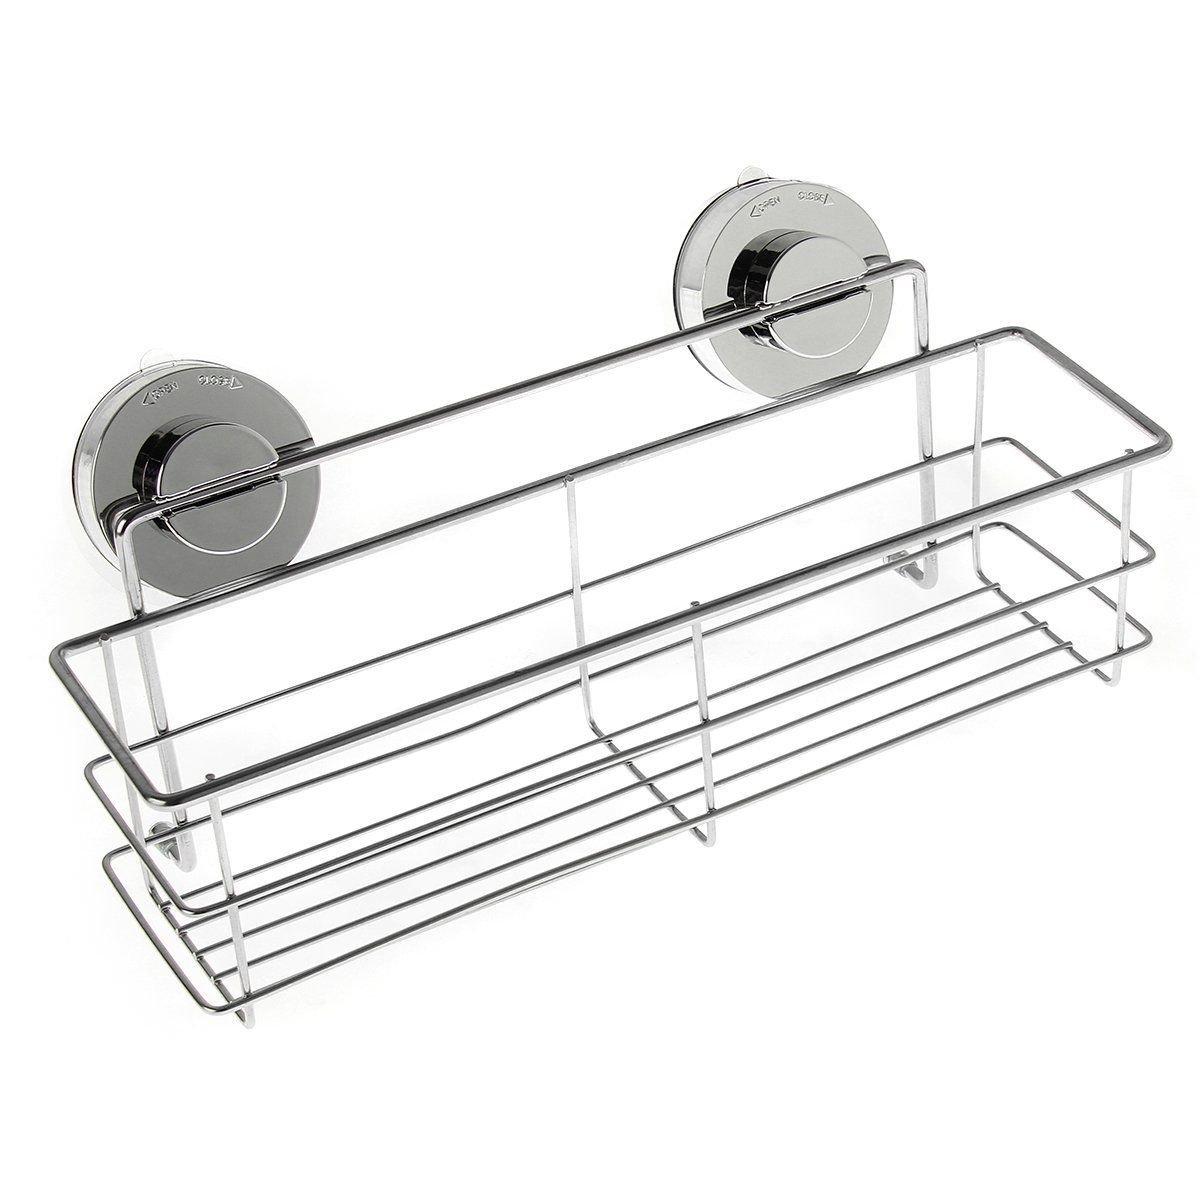 Amazon.com: eungon Shower Caddy Bathroom Shelf Storage Wall Bath ...